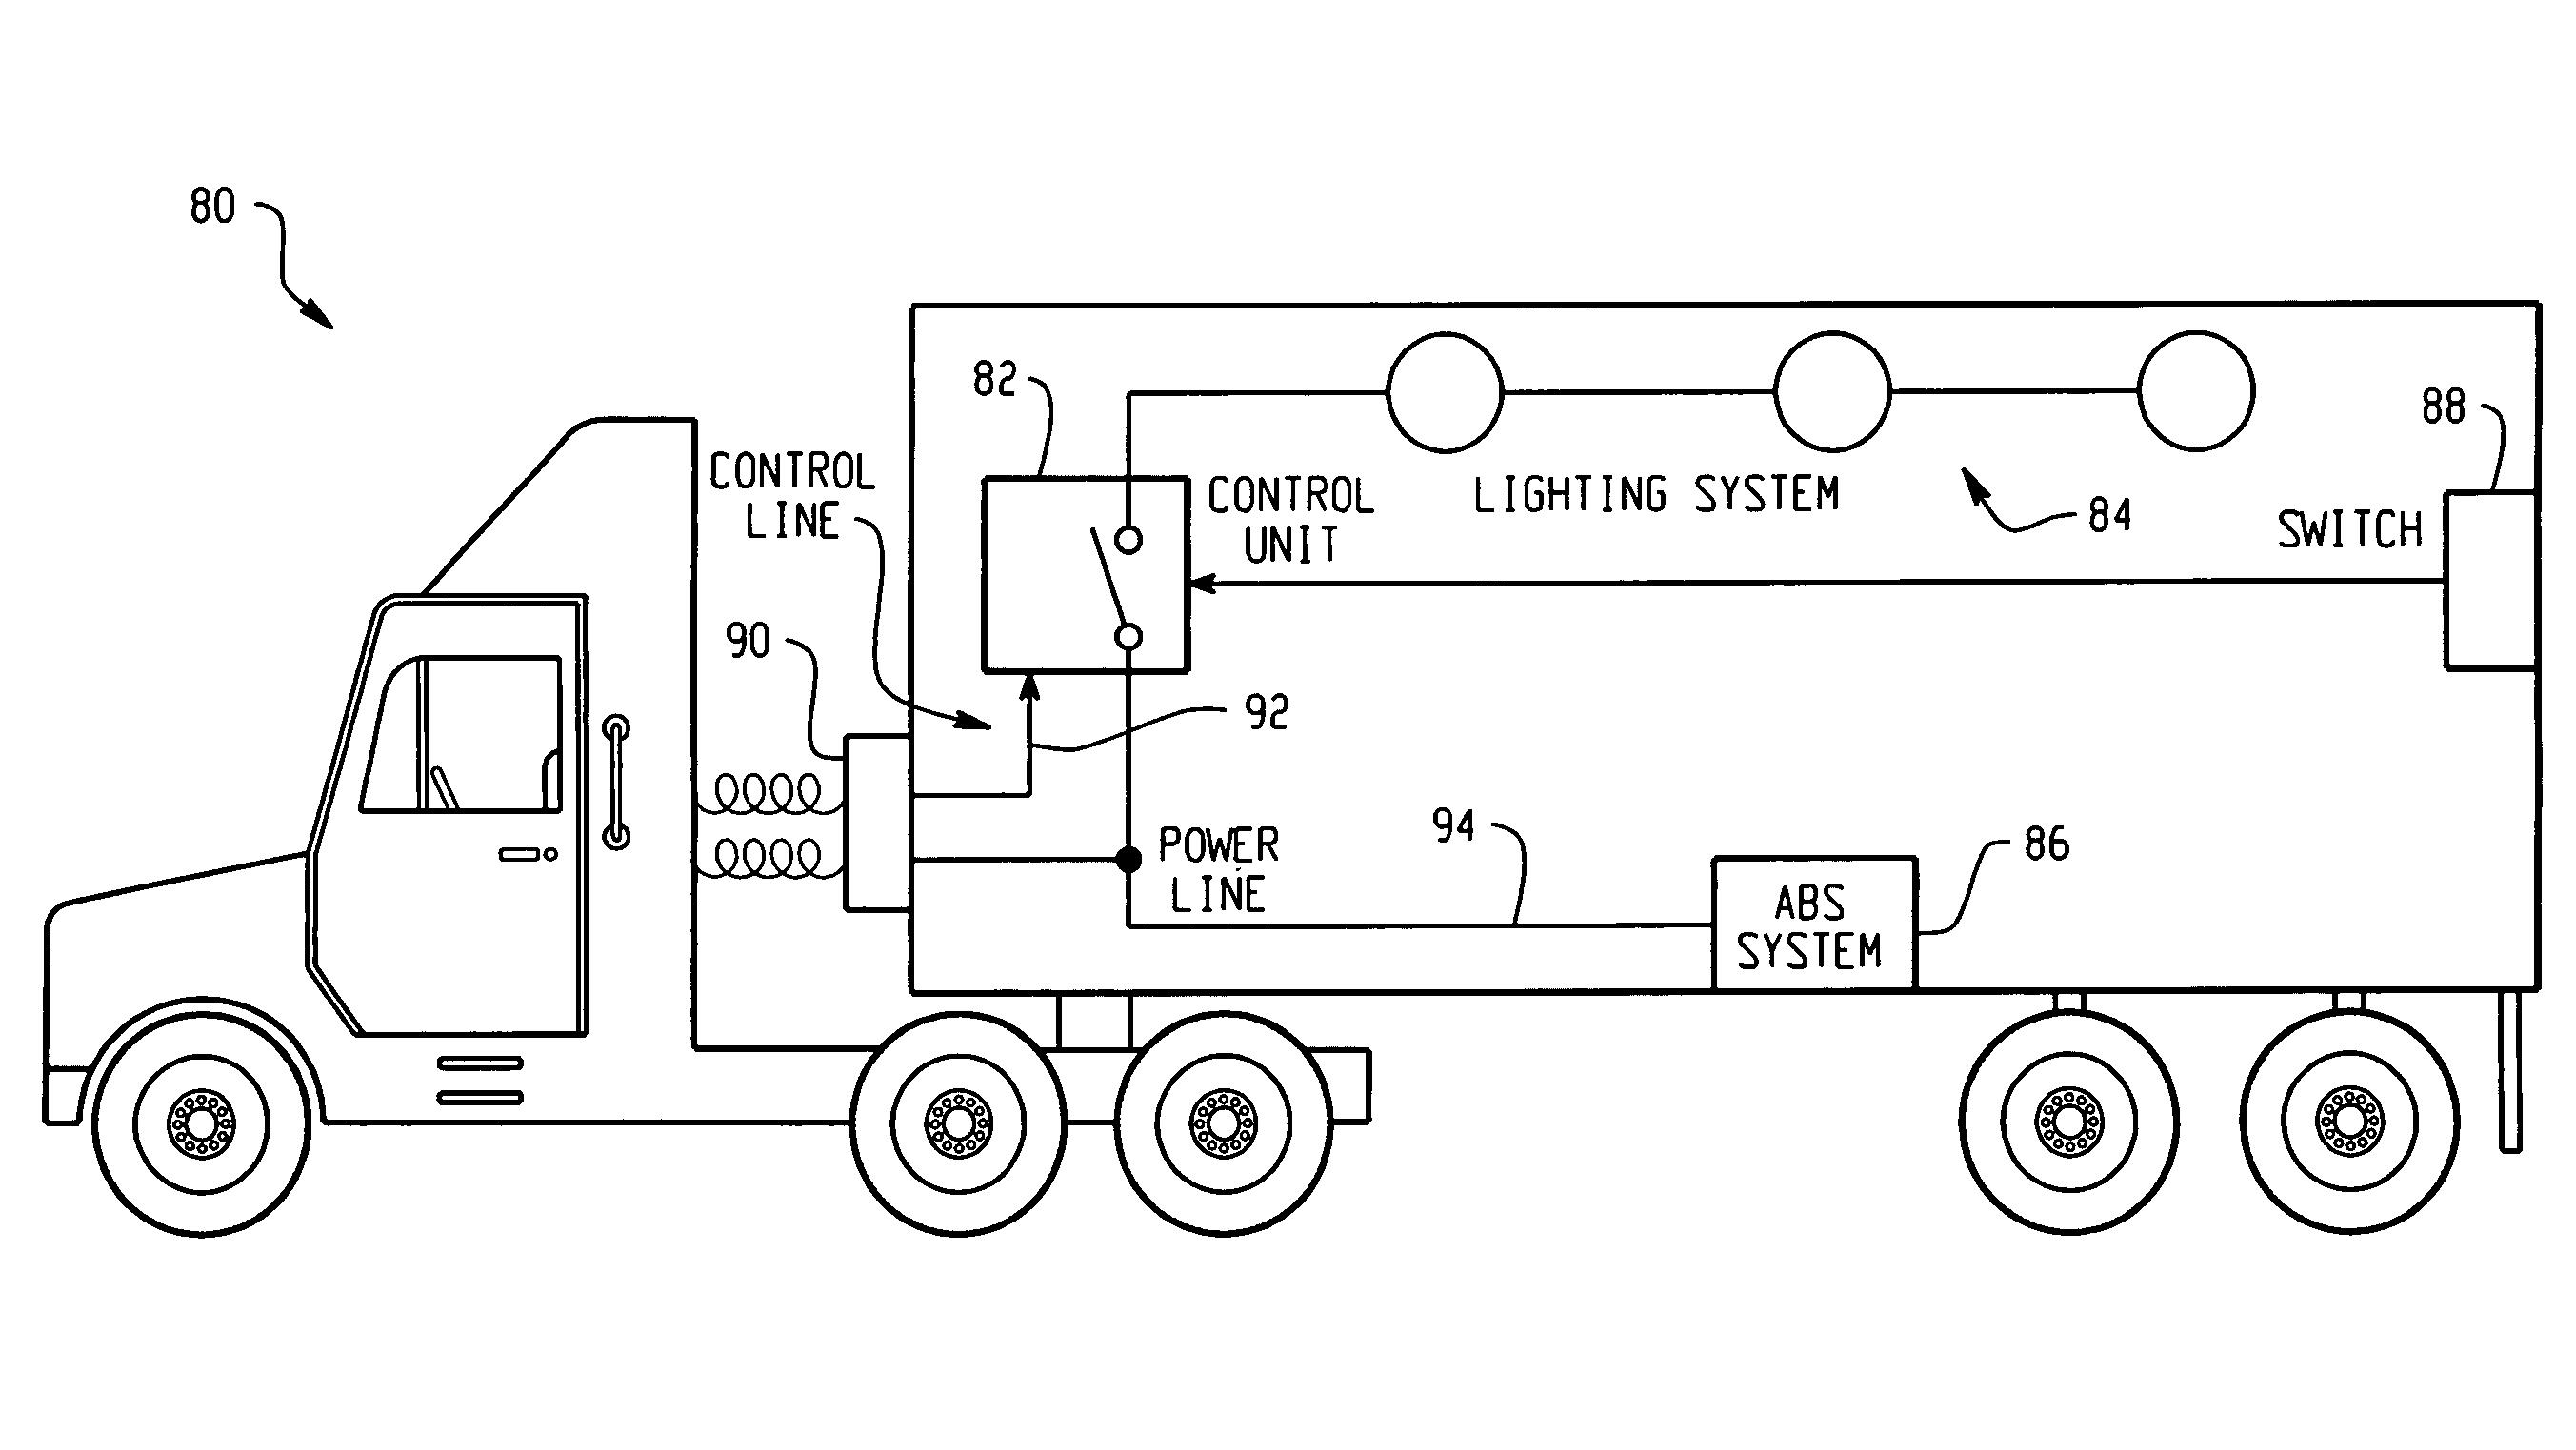 Sae J560 Wiring Diagram Sae J560 Standard • Wiring